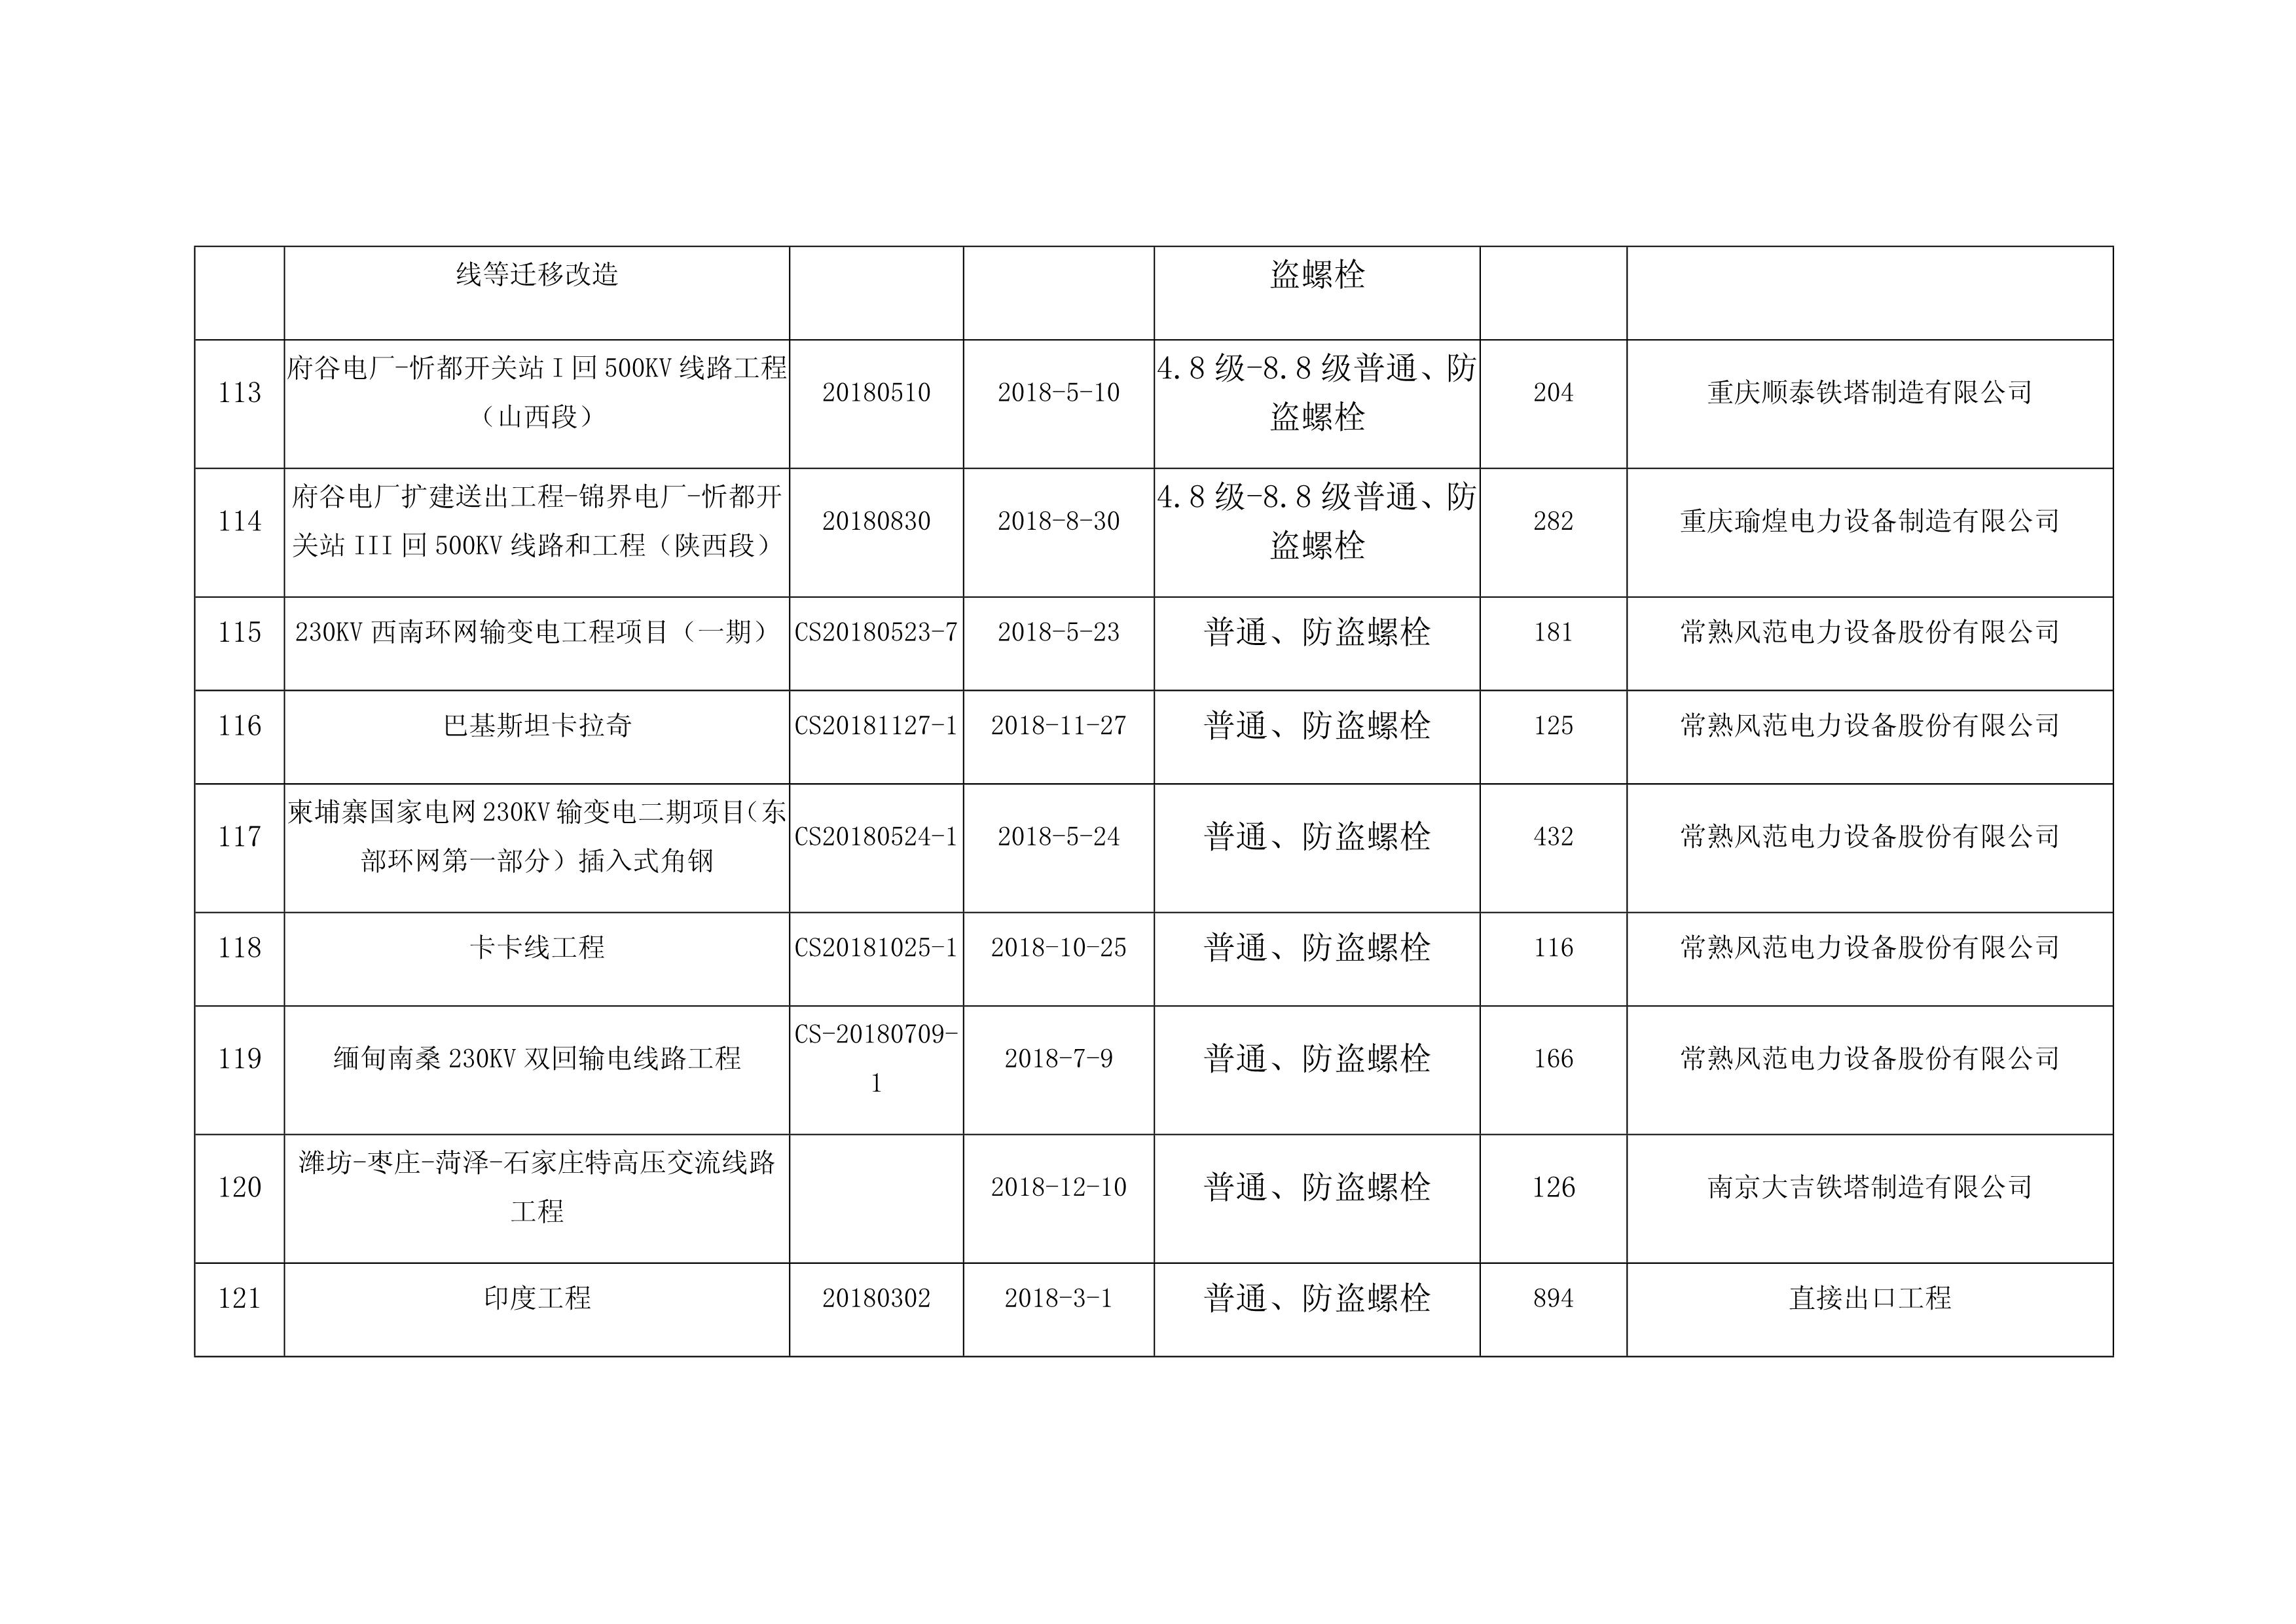 2017-2019业绩表_13